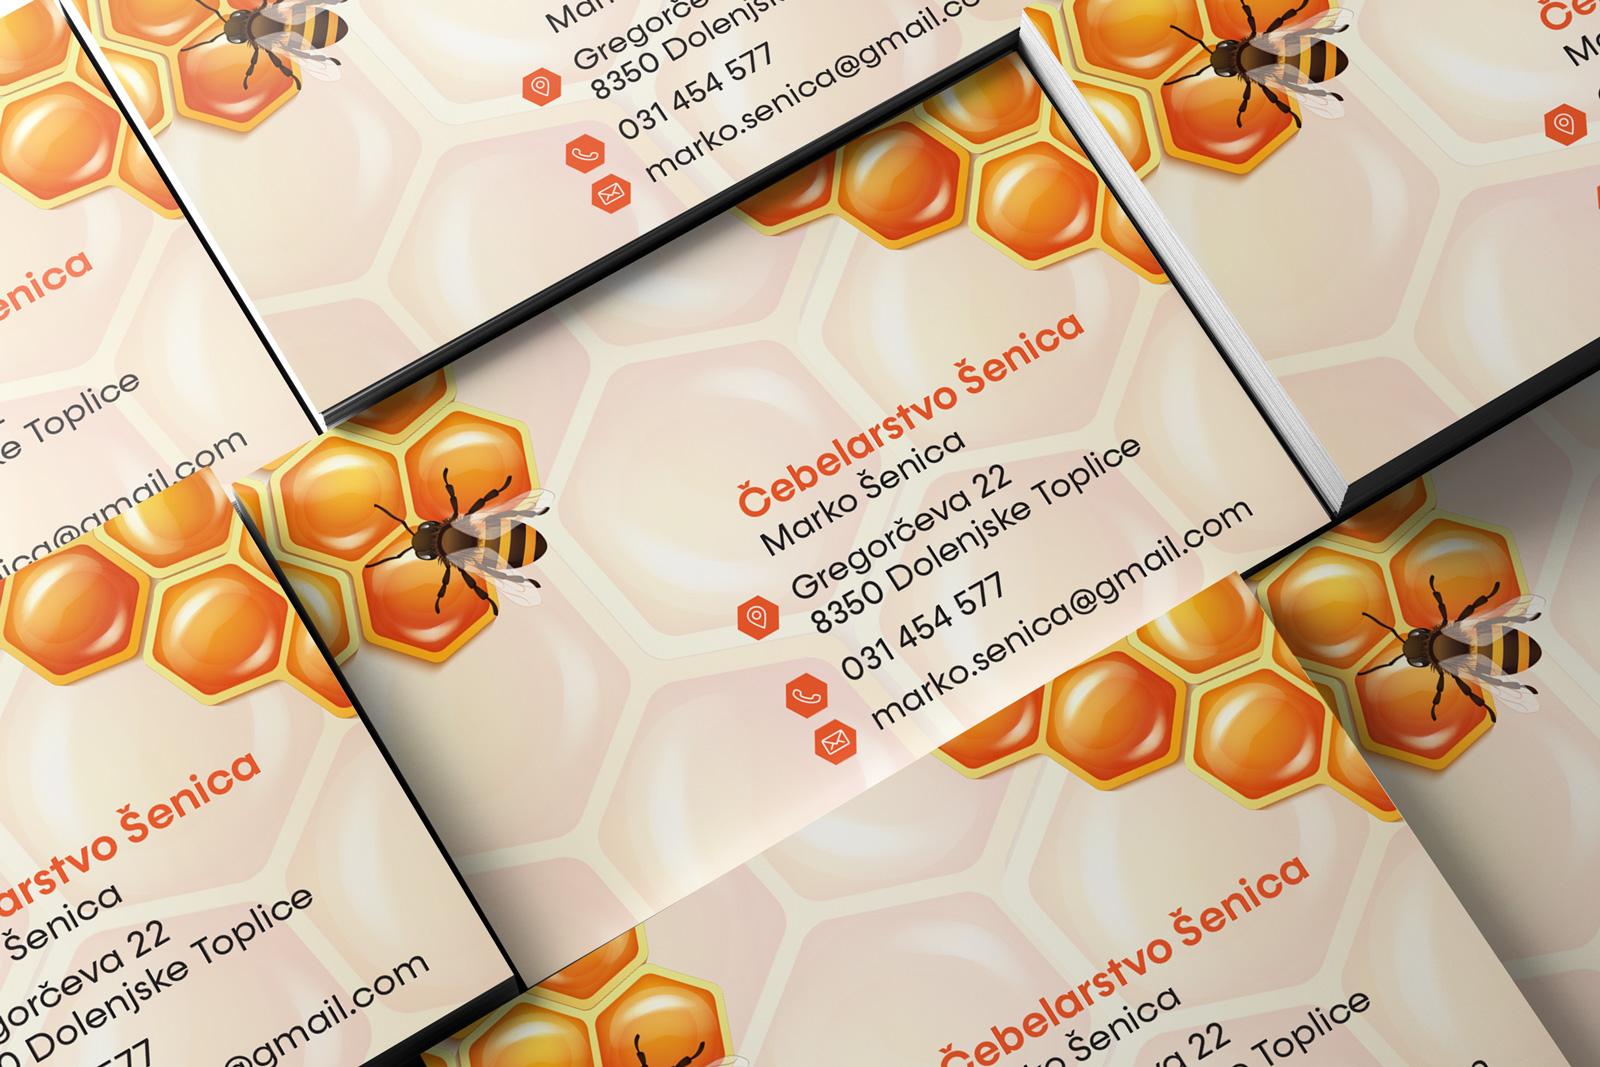 Čebelarstvo Šenica